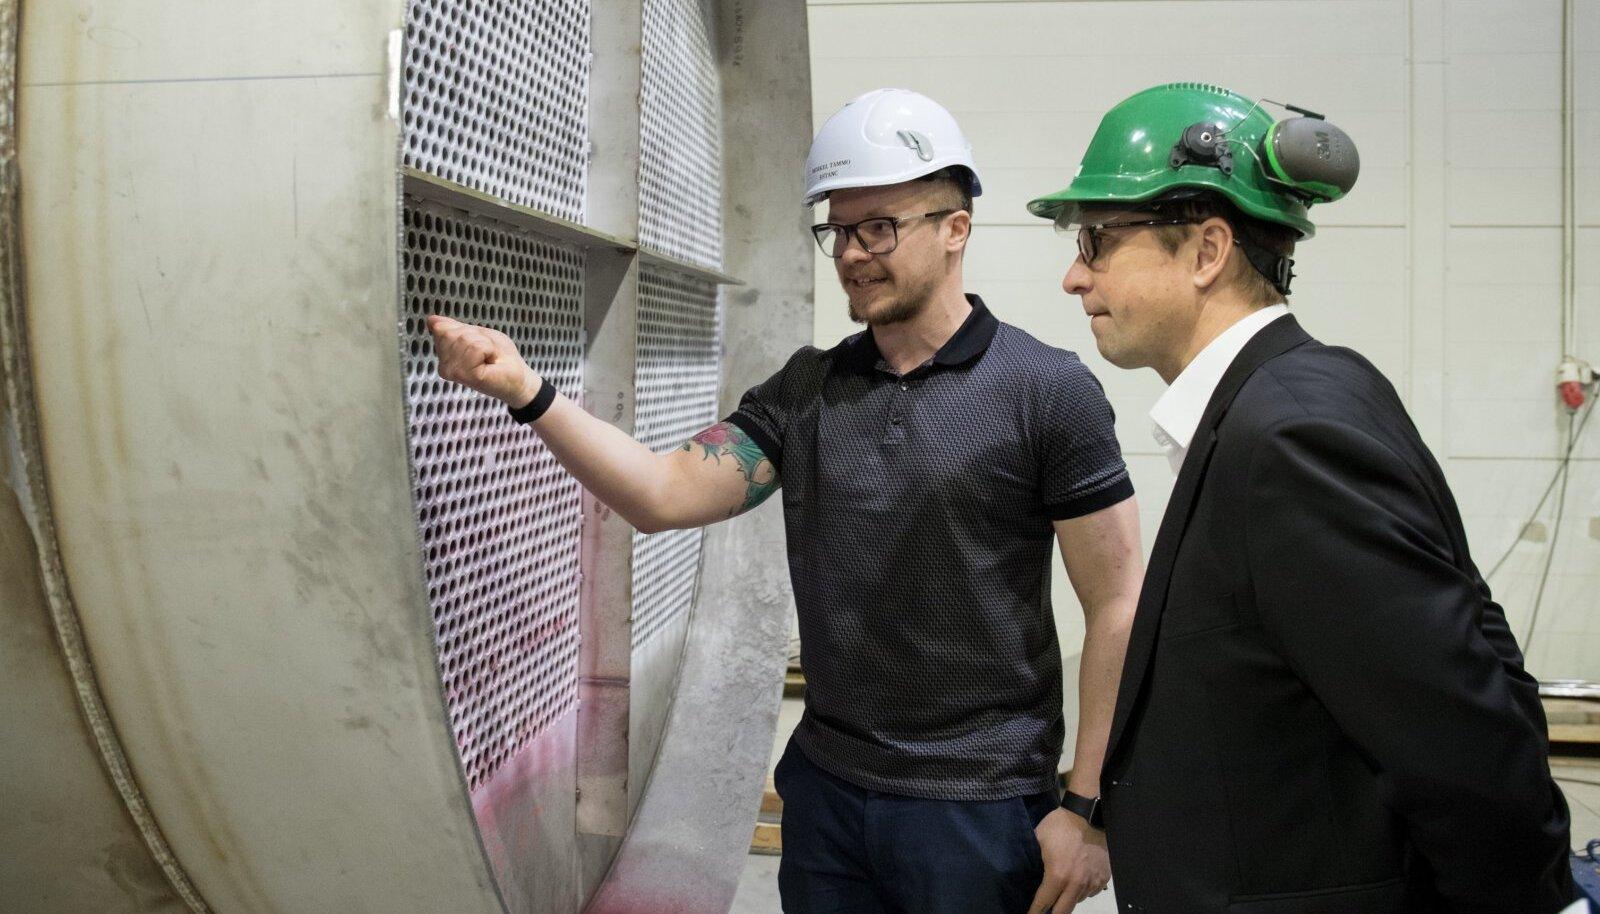 Pereettevõtte Estanc senine juht Mihkel Tammo (vasakul) lahkub ettevõttes rohetehnoloogiaid arendama.